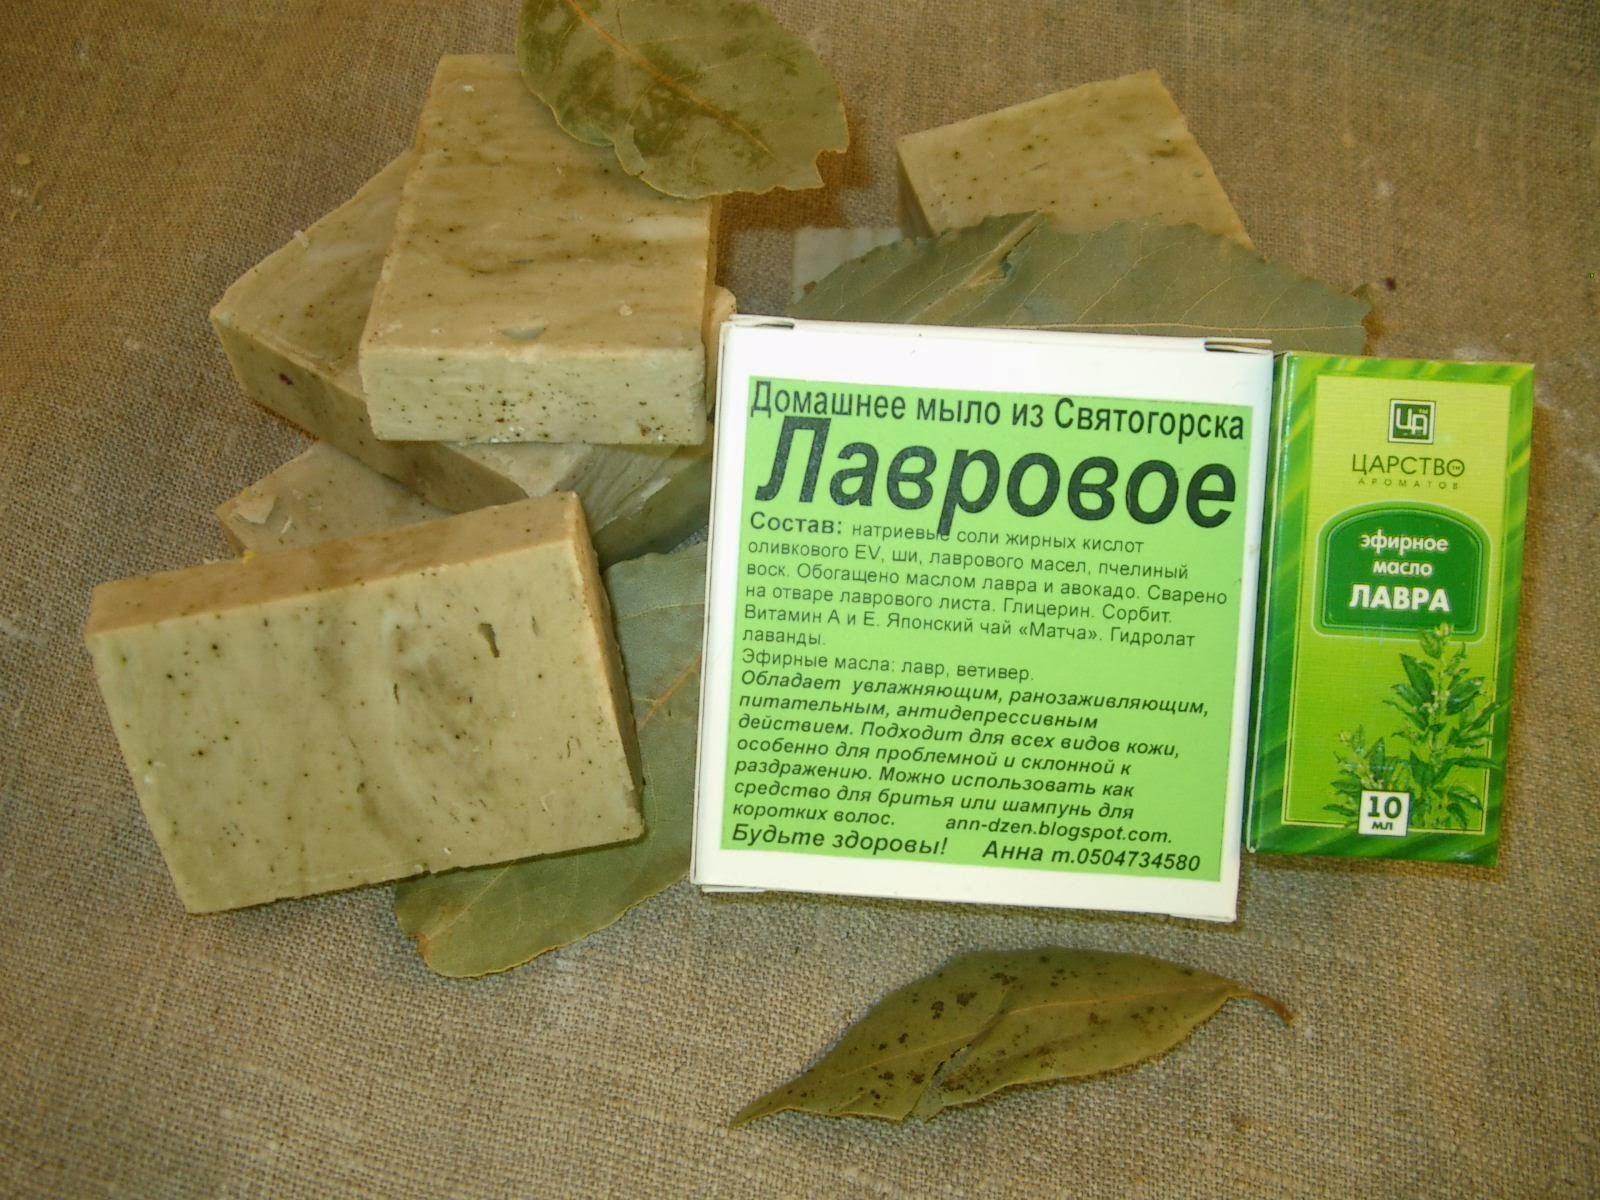 Мыло с лавровым листом 60